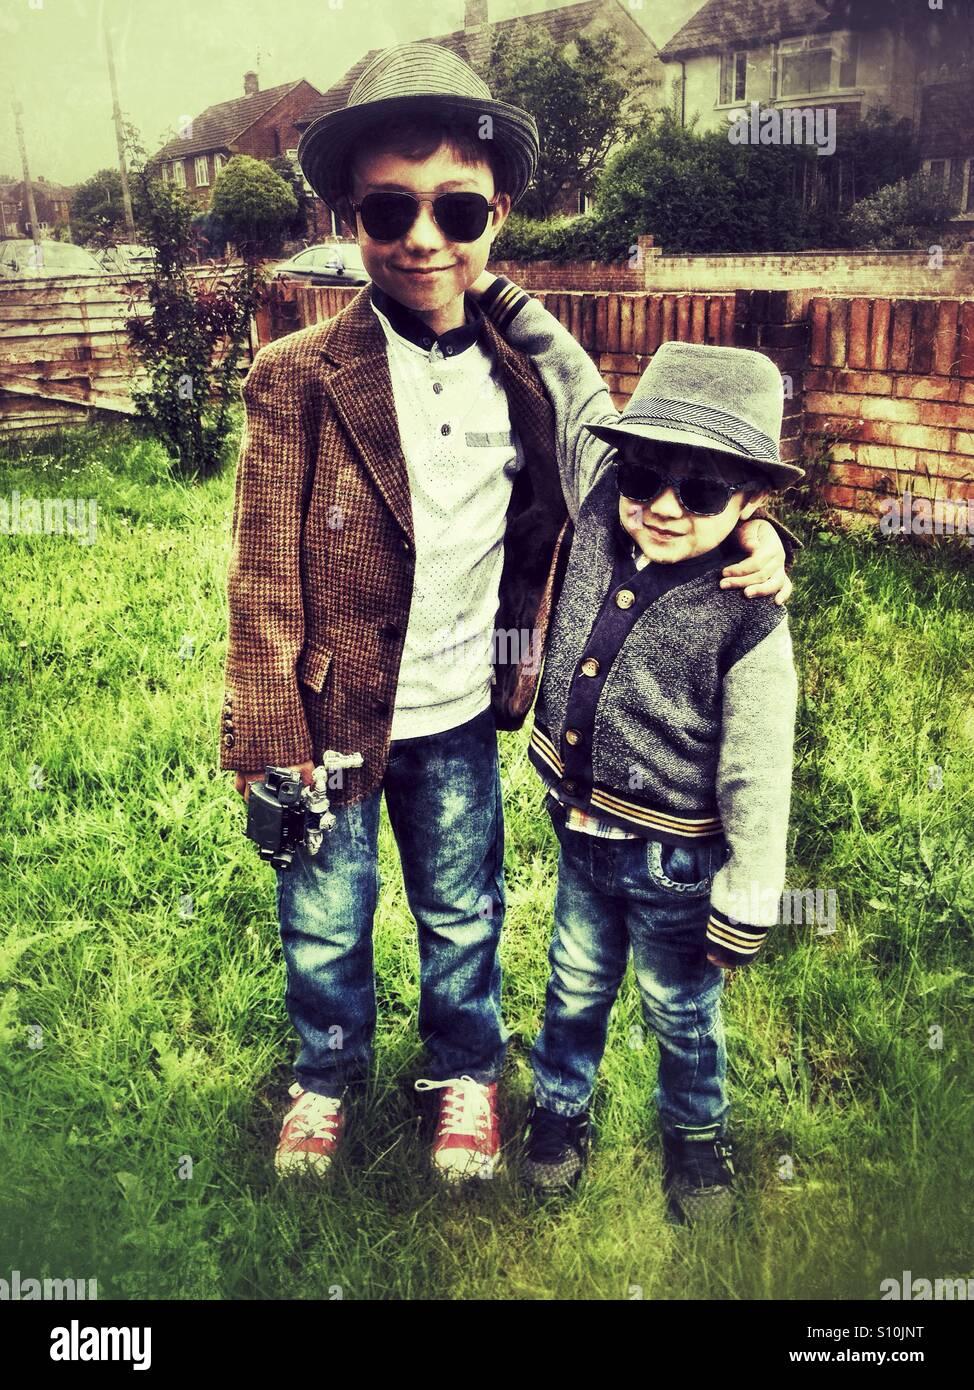 Junge Brüder tragen Hüte und Sonnenbrillen. Stockbild